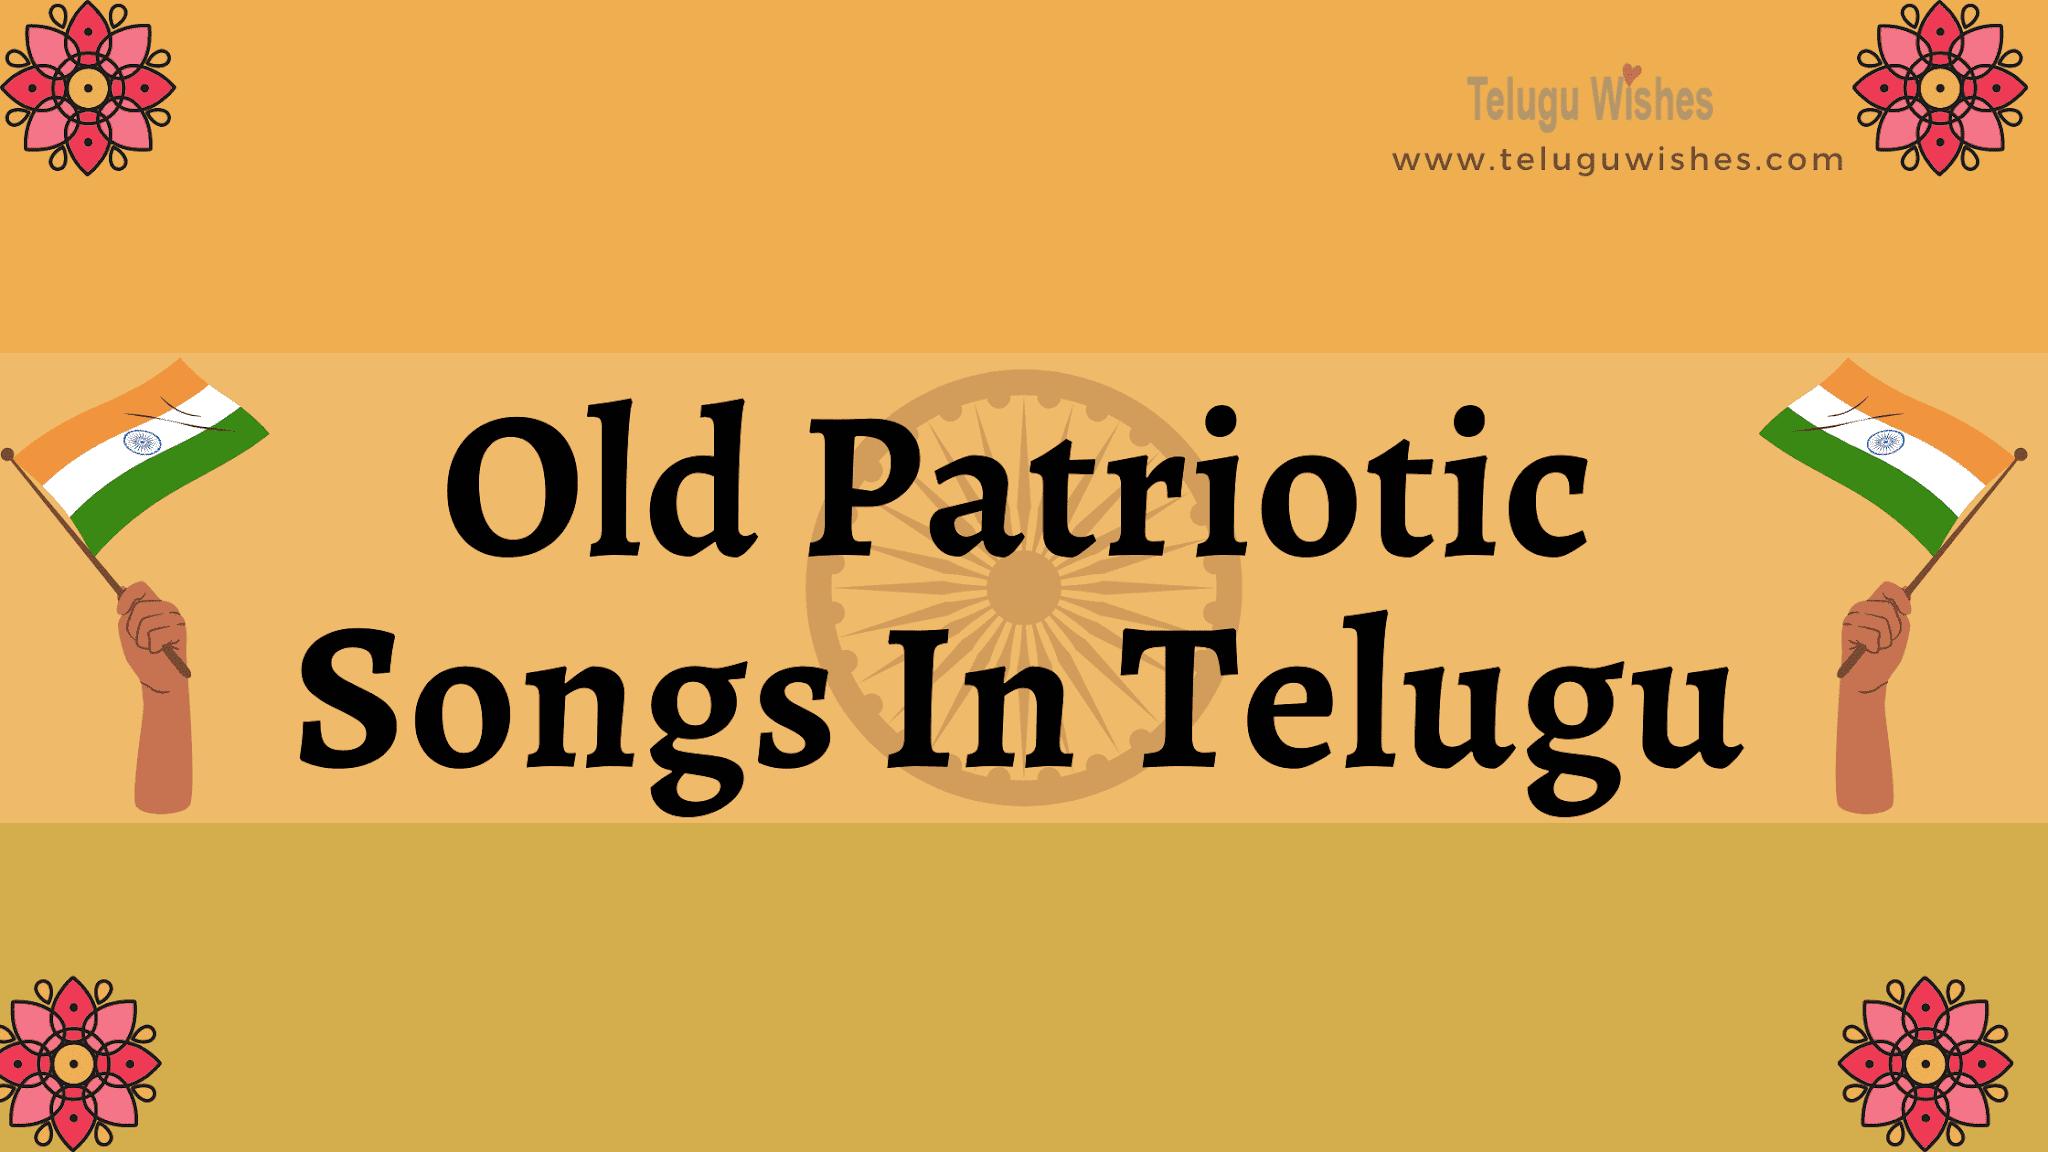 old patriotic songs in telugu